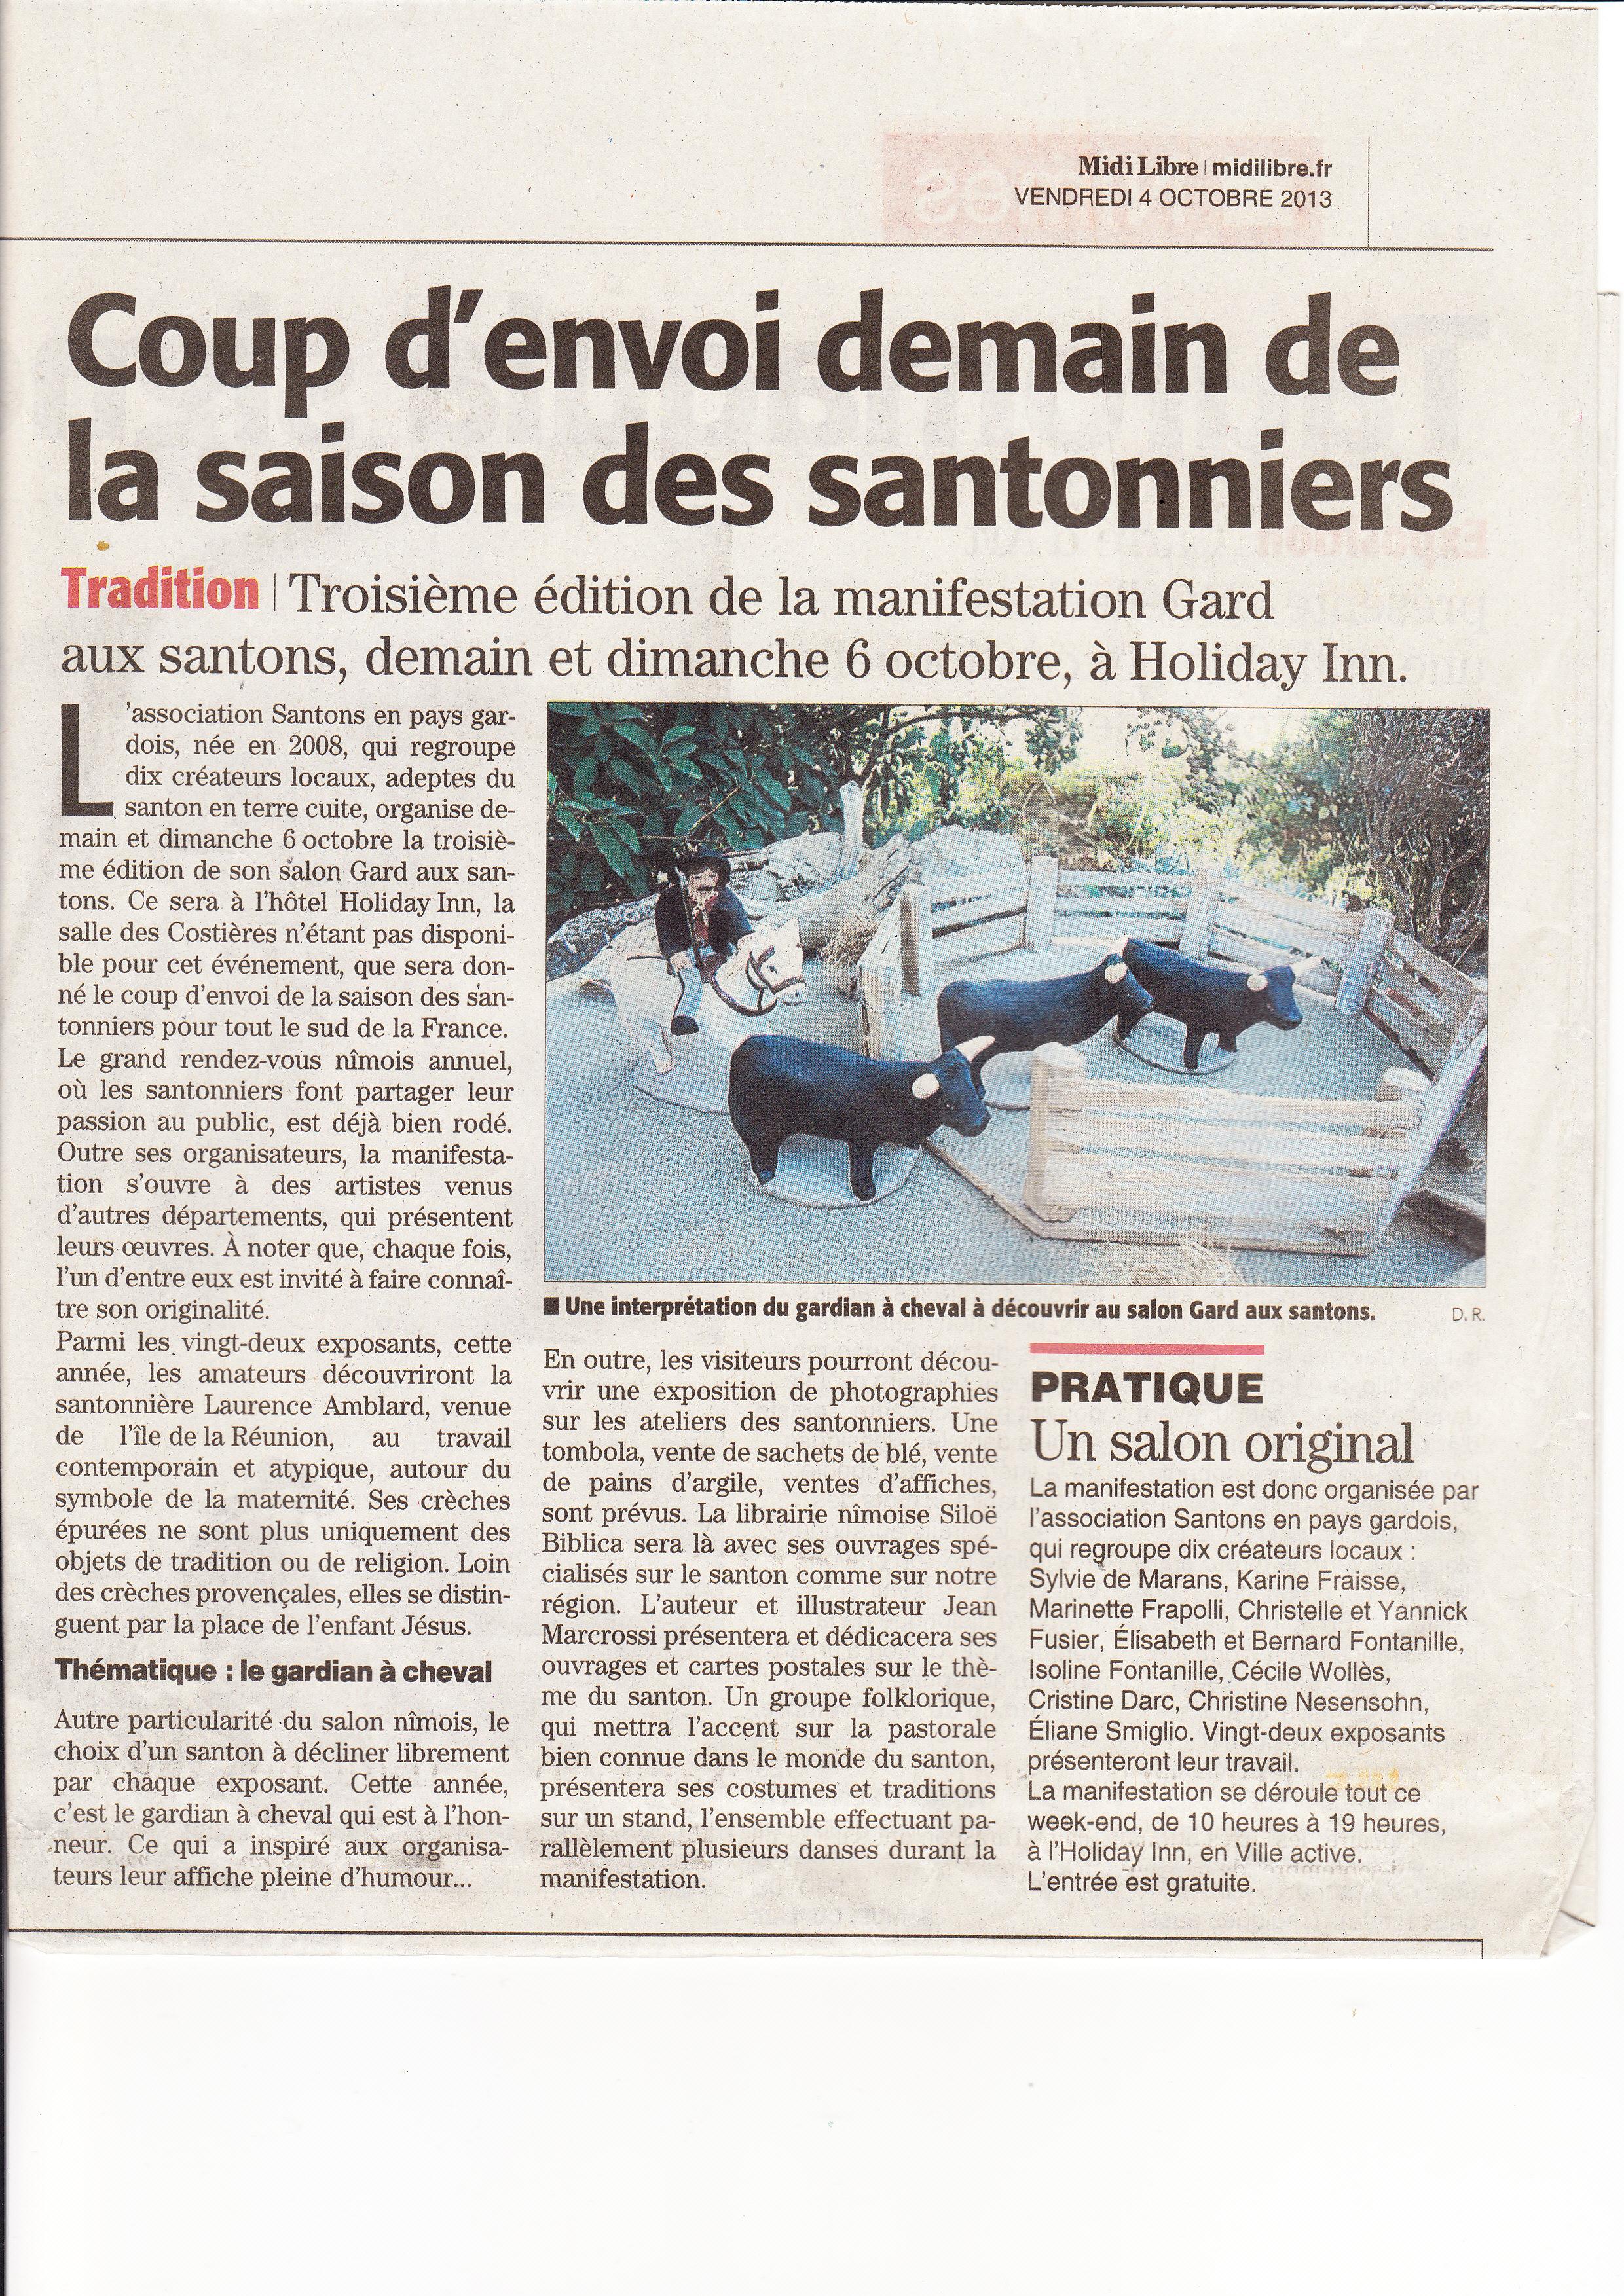 article midi libre 4.10.2013_0001